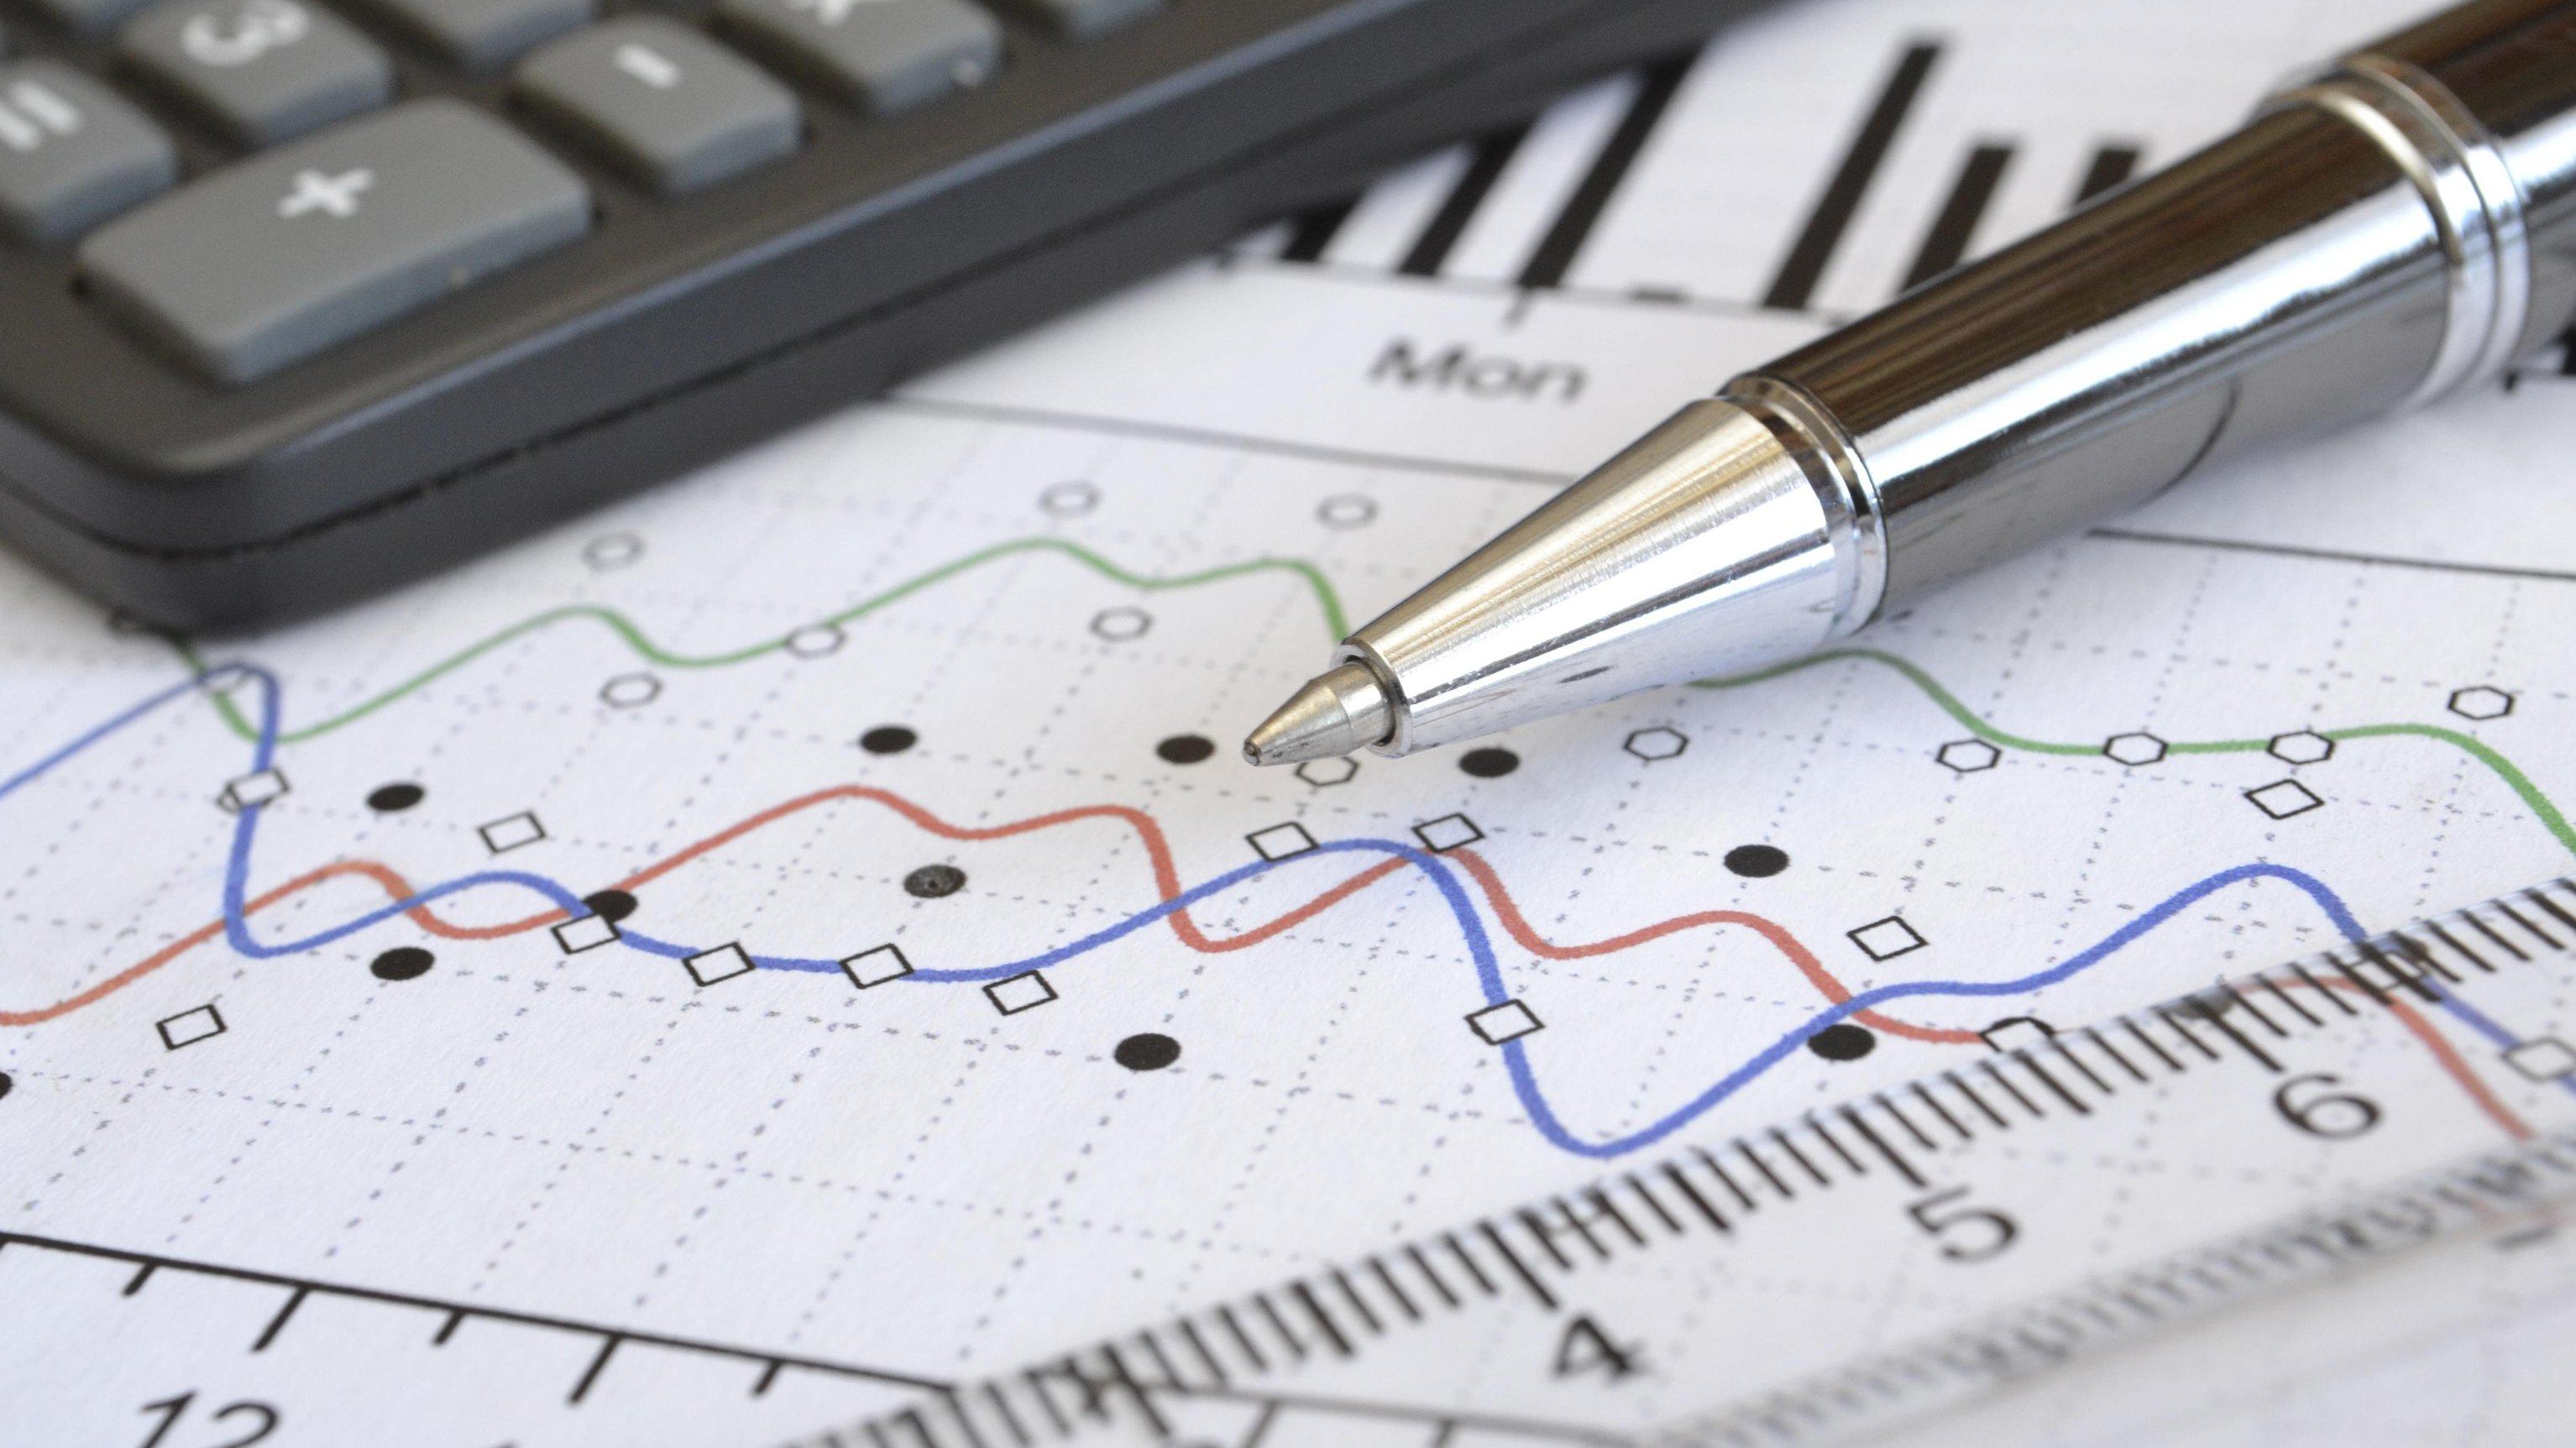 Stockfoto: Calvatis Schnittstellen zu integrierten Managementsystemen - @ istock / archerix